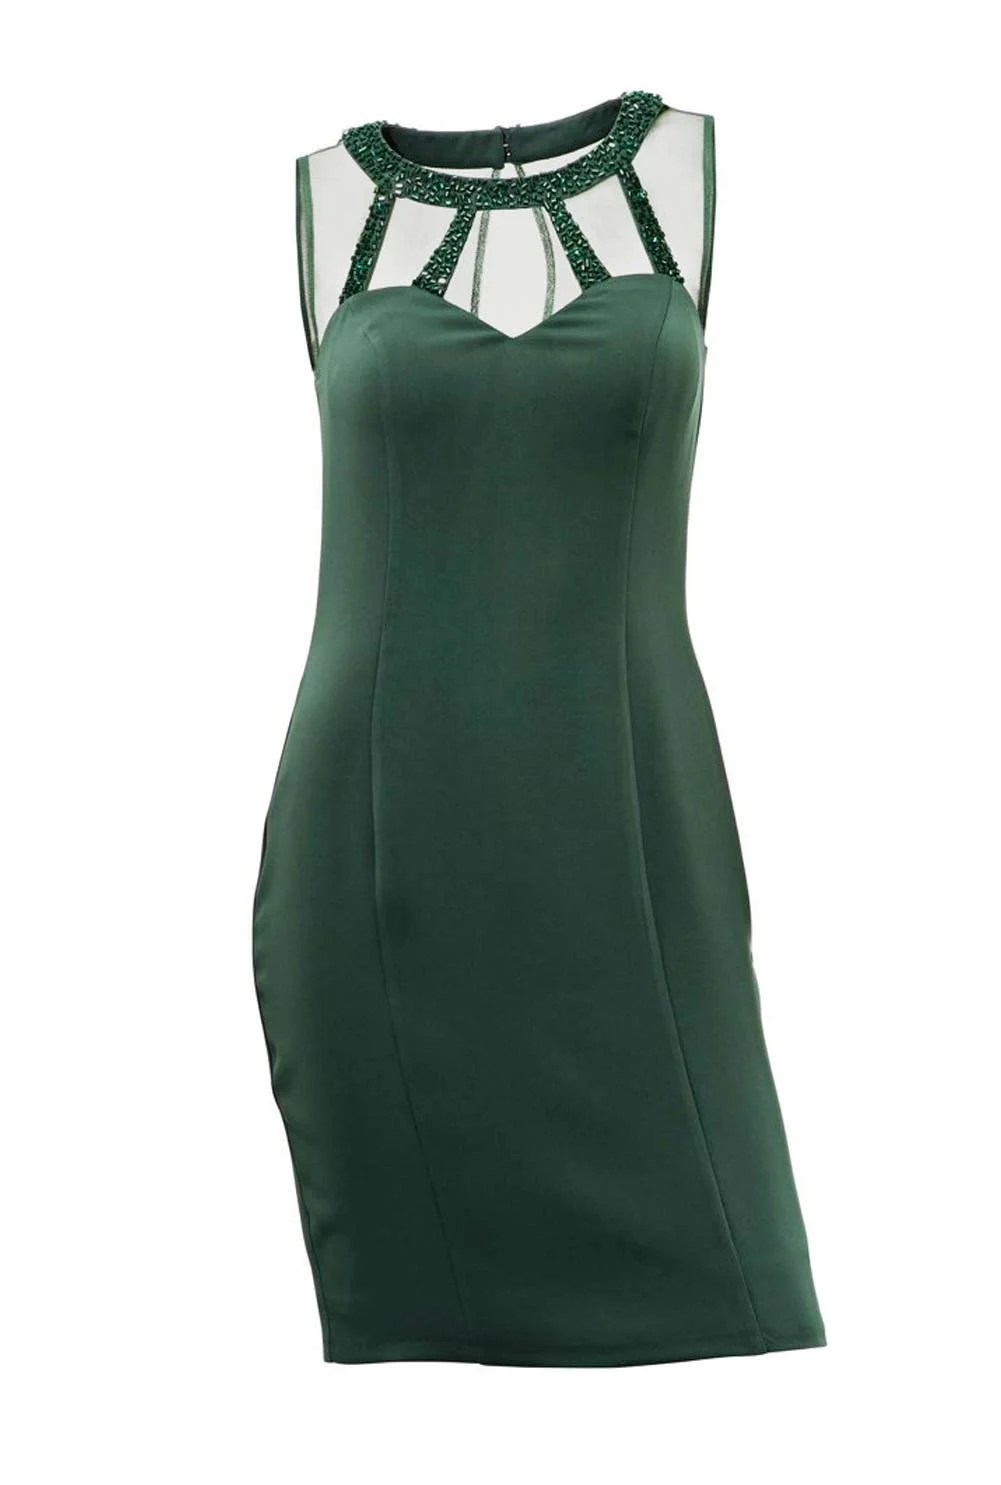 kurzes kleid für besondere anlässe Dekolletékleid, grün von Ashley Brooke event Grösse 44 151.568 Missforty